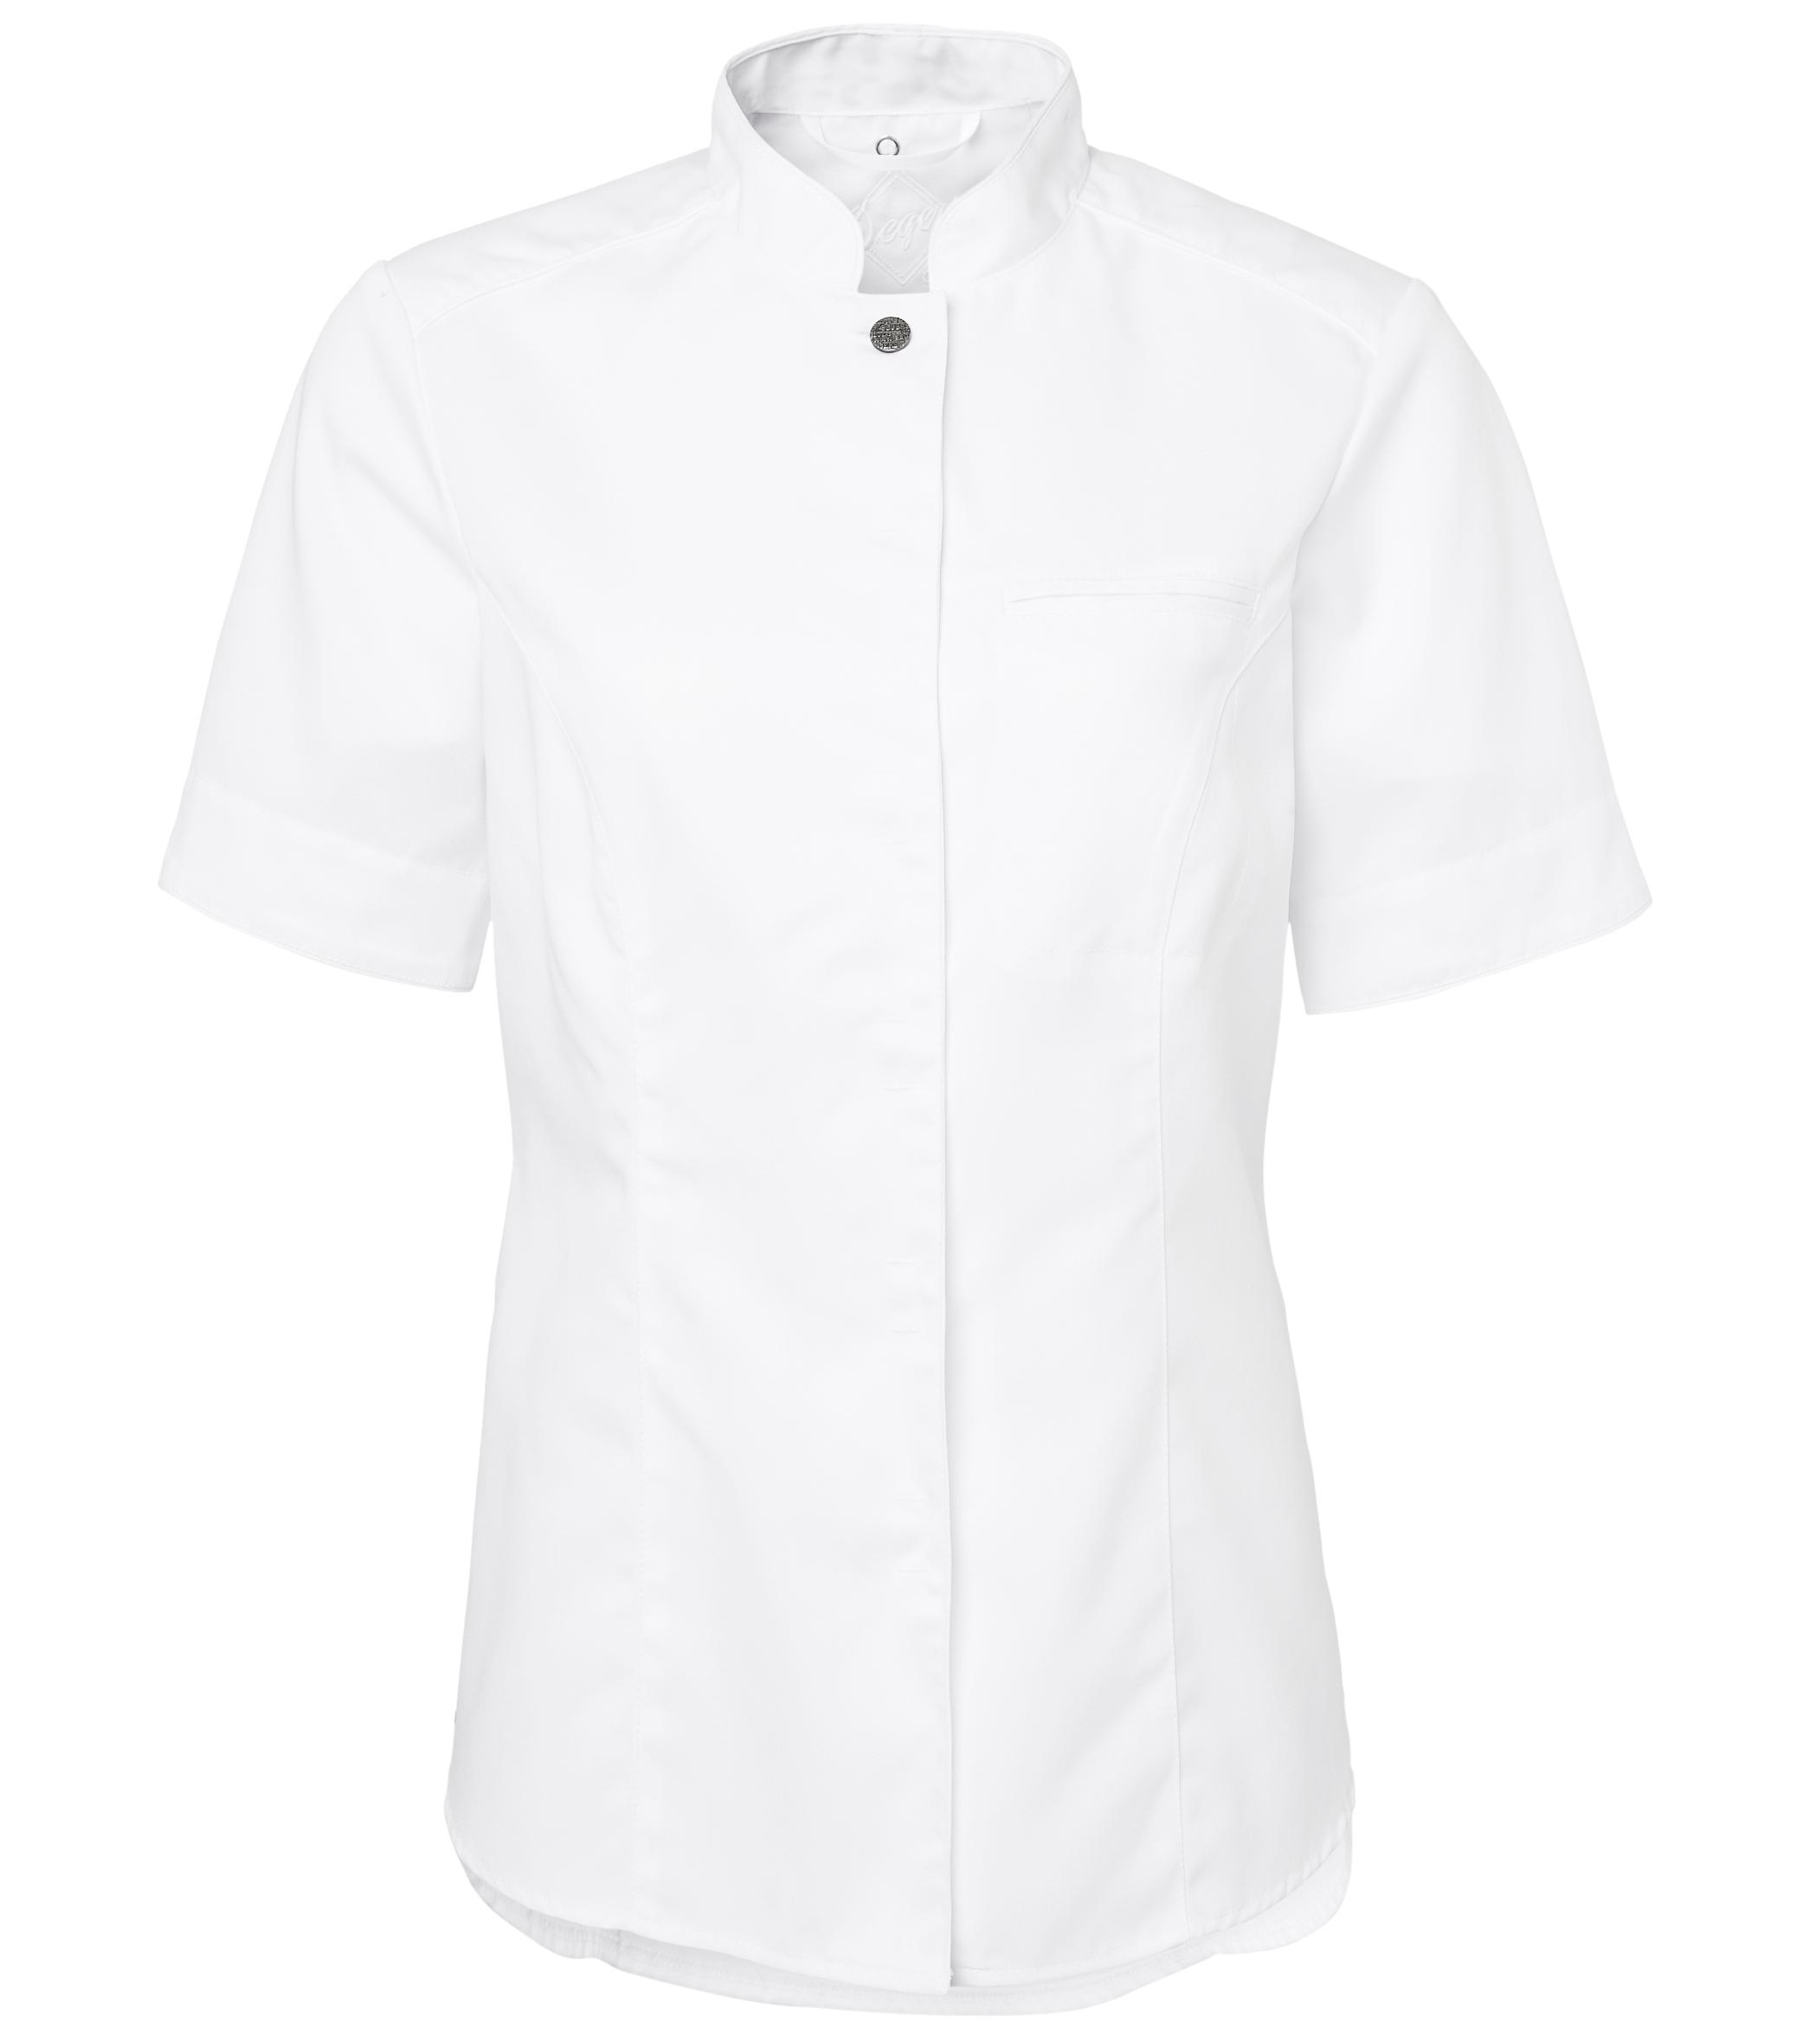 Kockskjorta Dam - Vit med svart knapp - Kockkläder.se 3ce6a9f723a0c